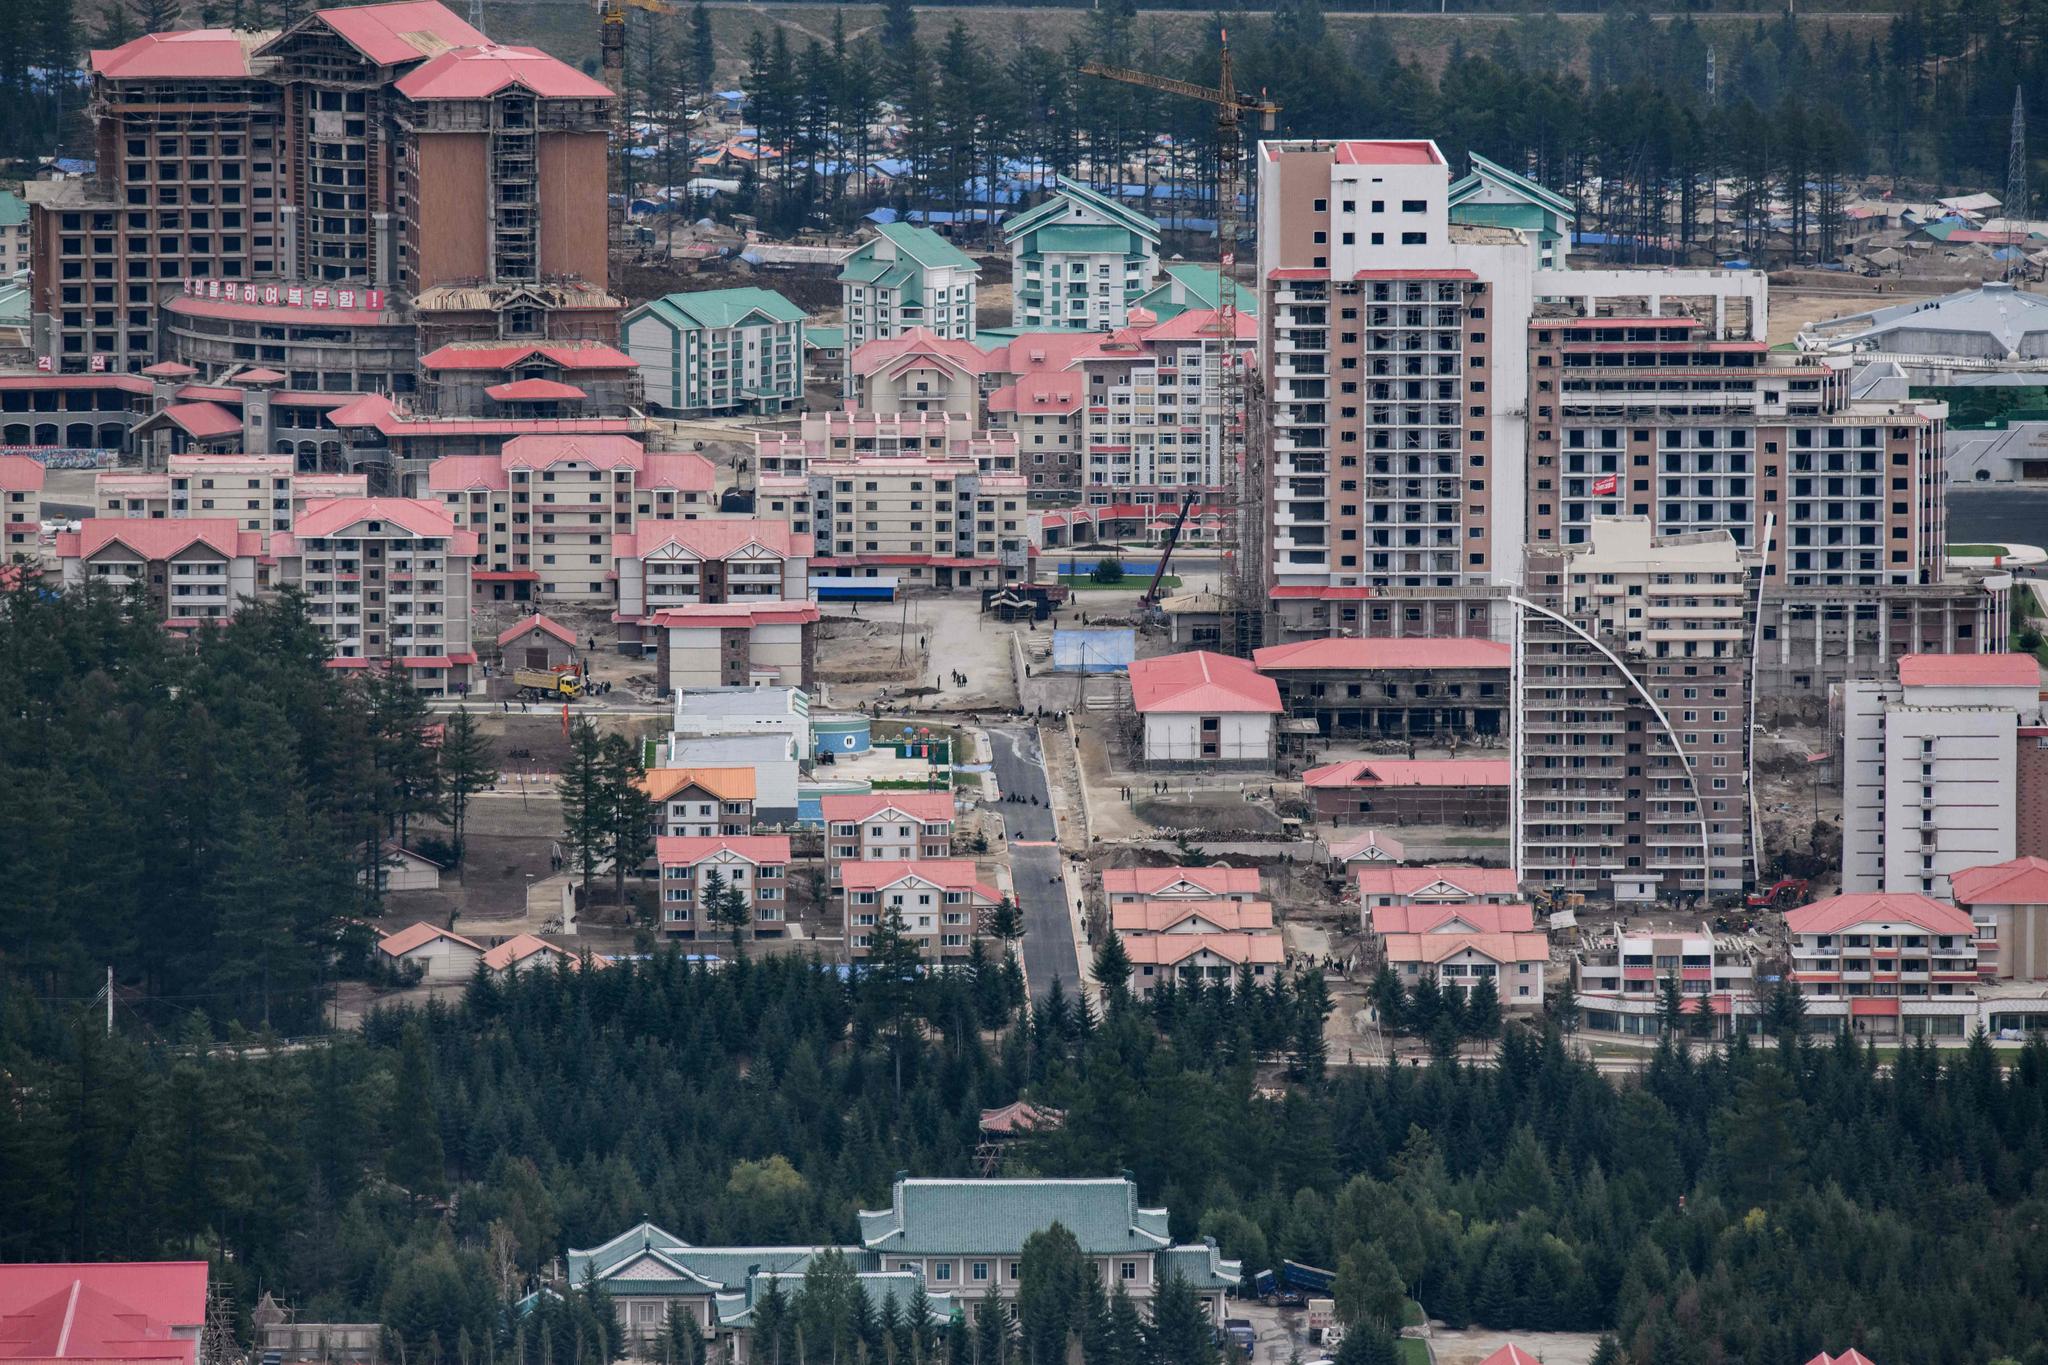 사진작가 에드 존스가 AFP를 통해 20일 전송한 북한 양강도 삼지연군 관광특구 건설현장.[AFP=연합뉴스]